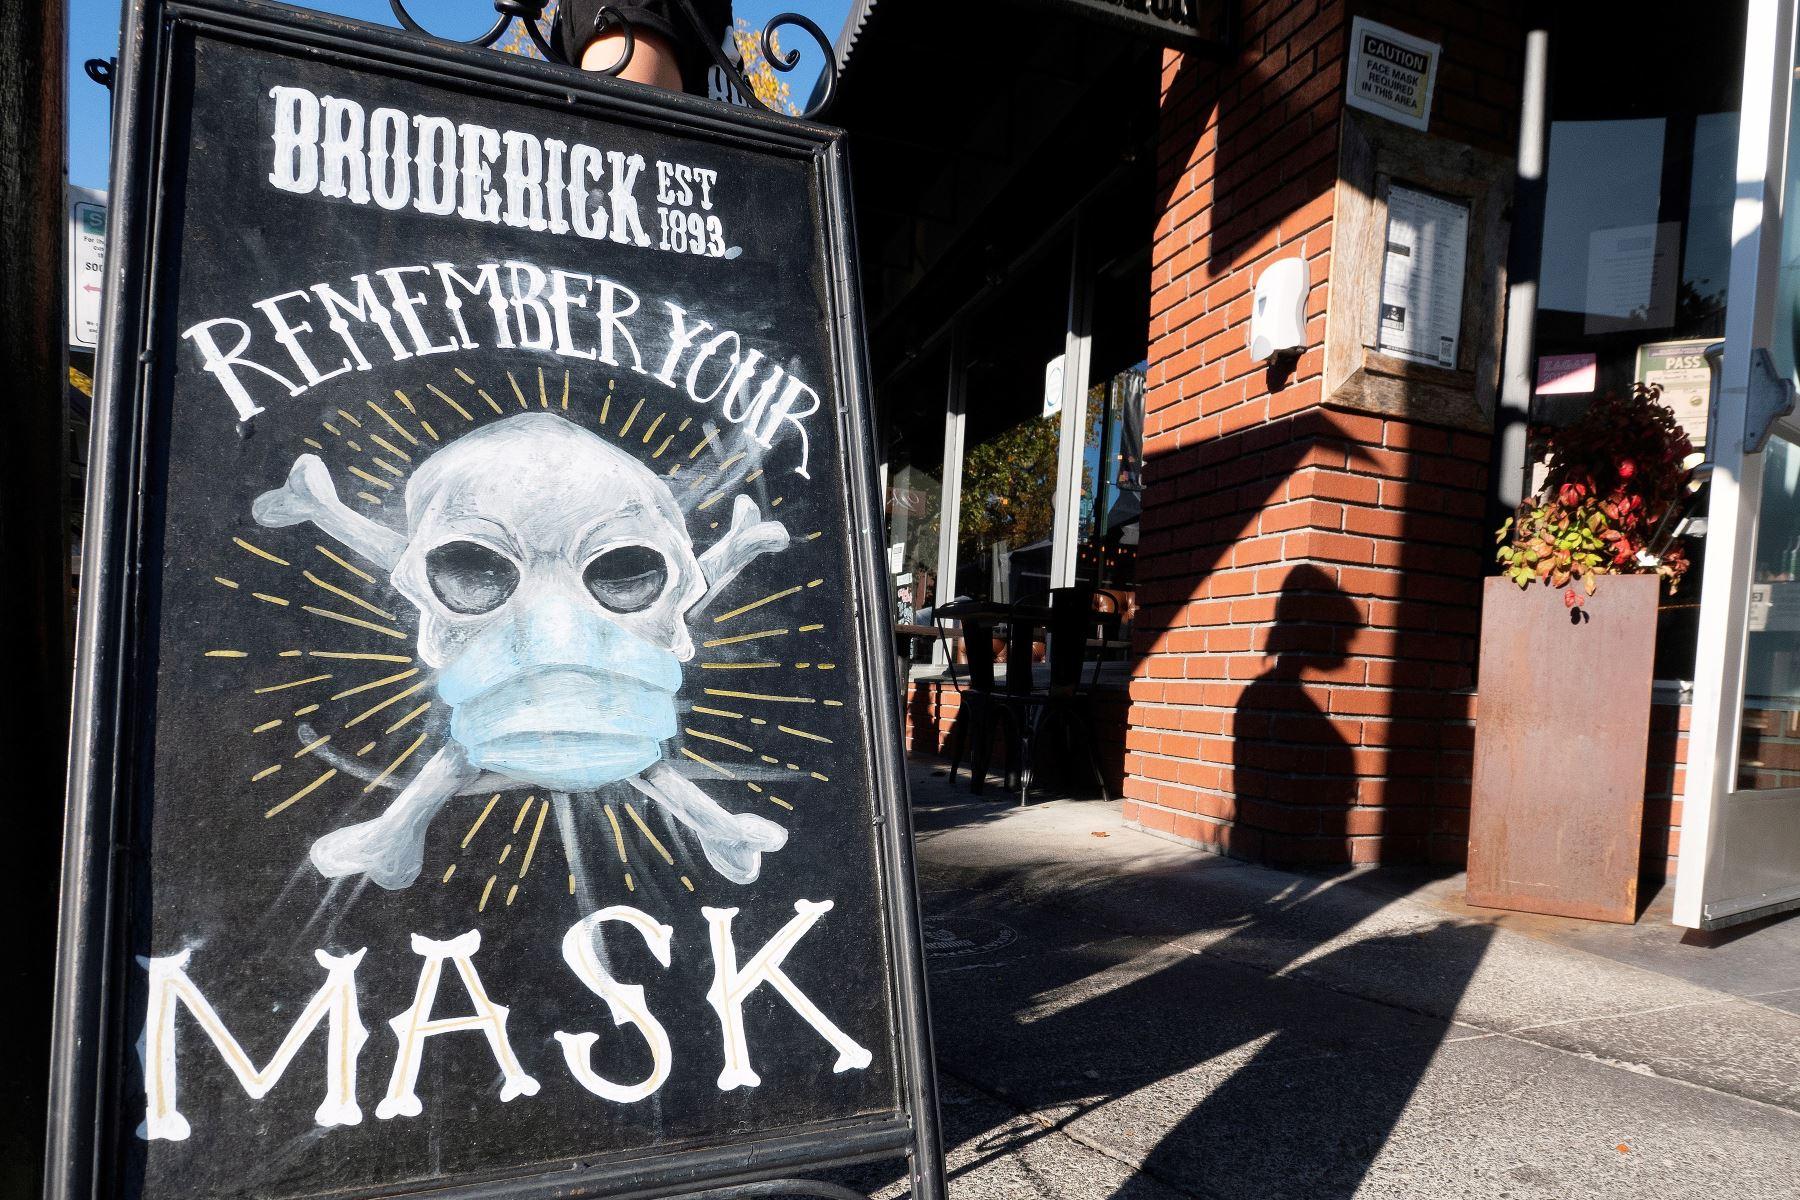 Un cartel recuerda a los transeúntes que deben usar la mascarilla para evitar la propagación del coronavirus en Walnut Creek, California. Foto: EFE